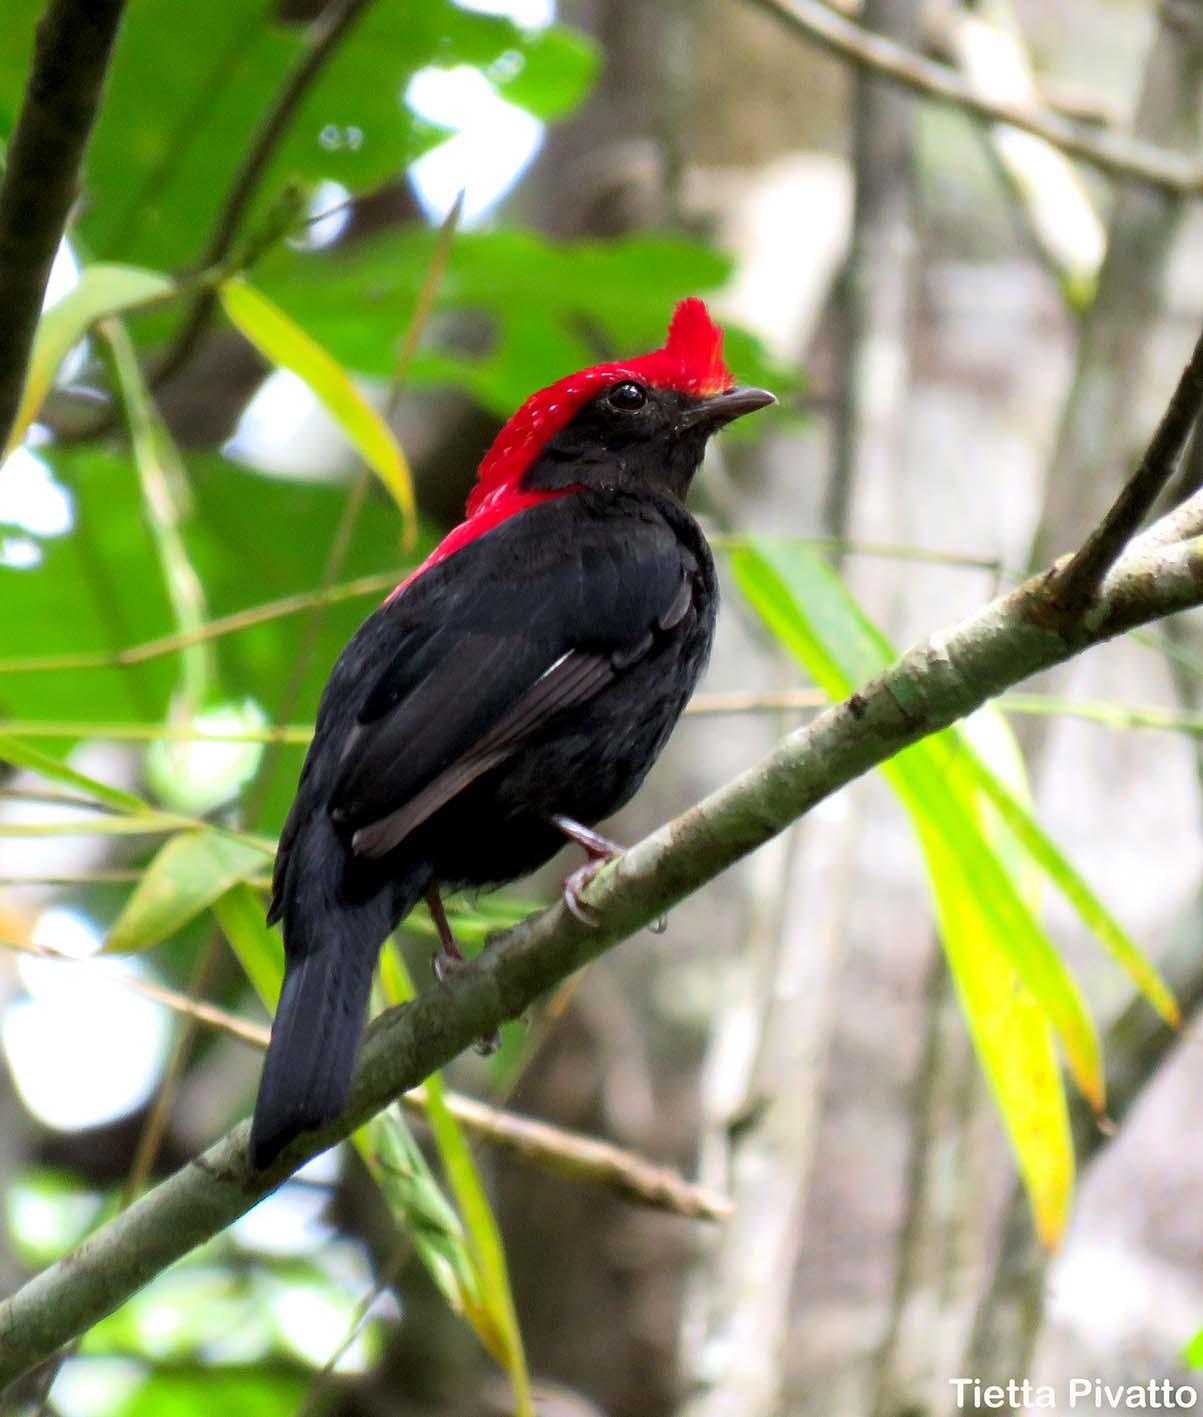 Típico das matas ciliares, o soldadinho está no guia de campo aves do Cerrado & Pantanal, disponível na Maritaca Store.